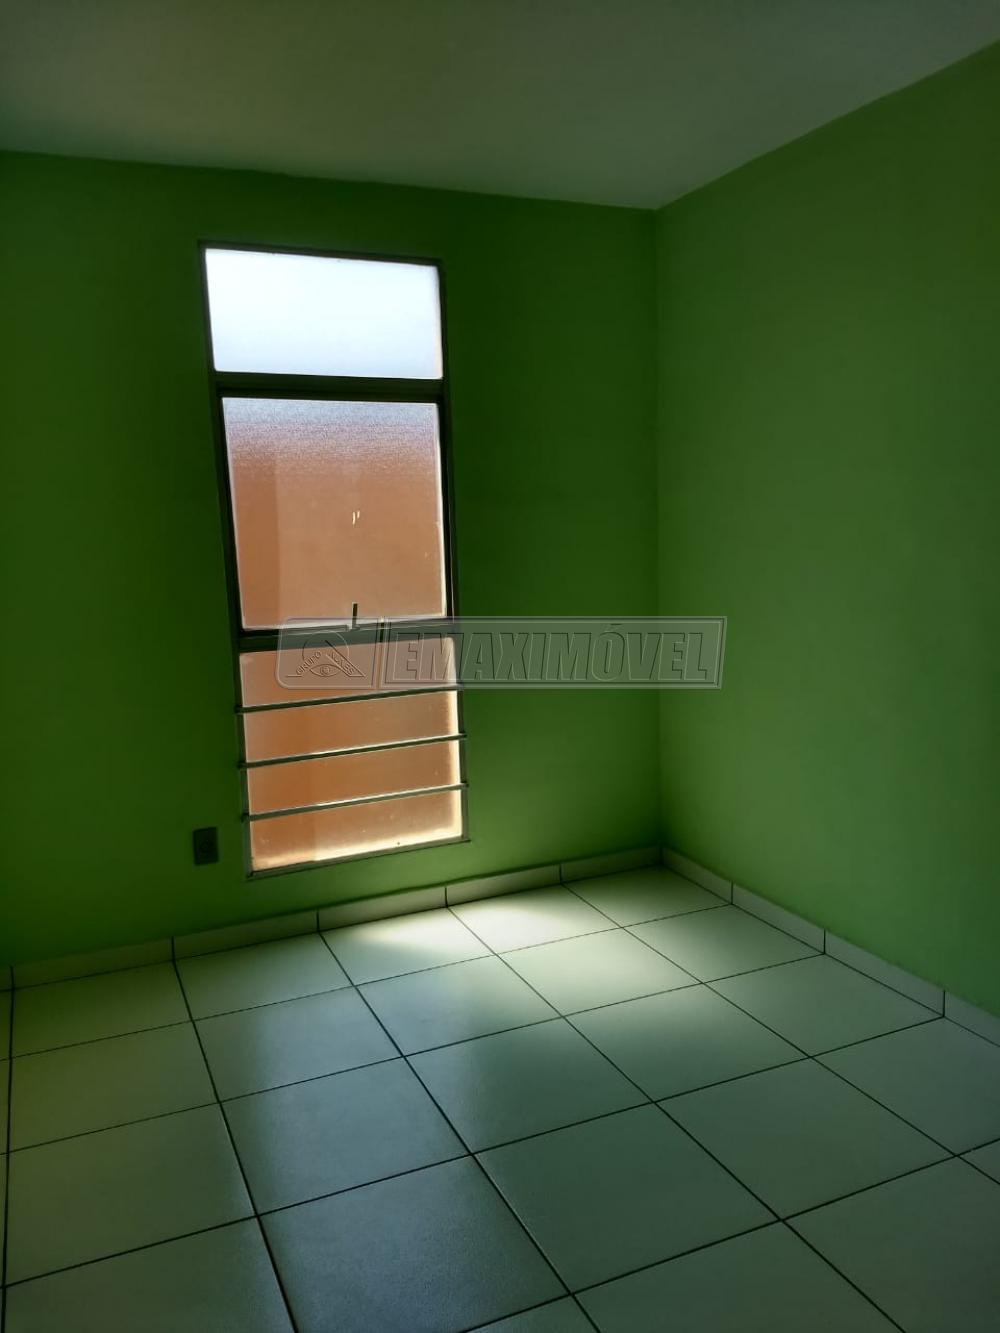 Comprar Apartamento / Padrão em Sorocaba R$ 148.400,00 - Foto 6